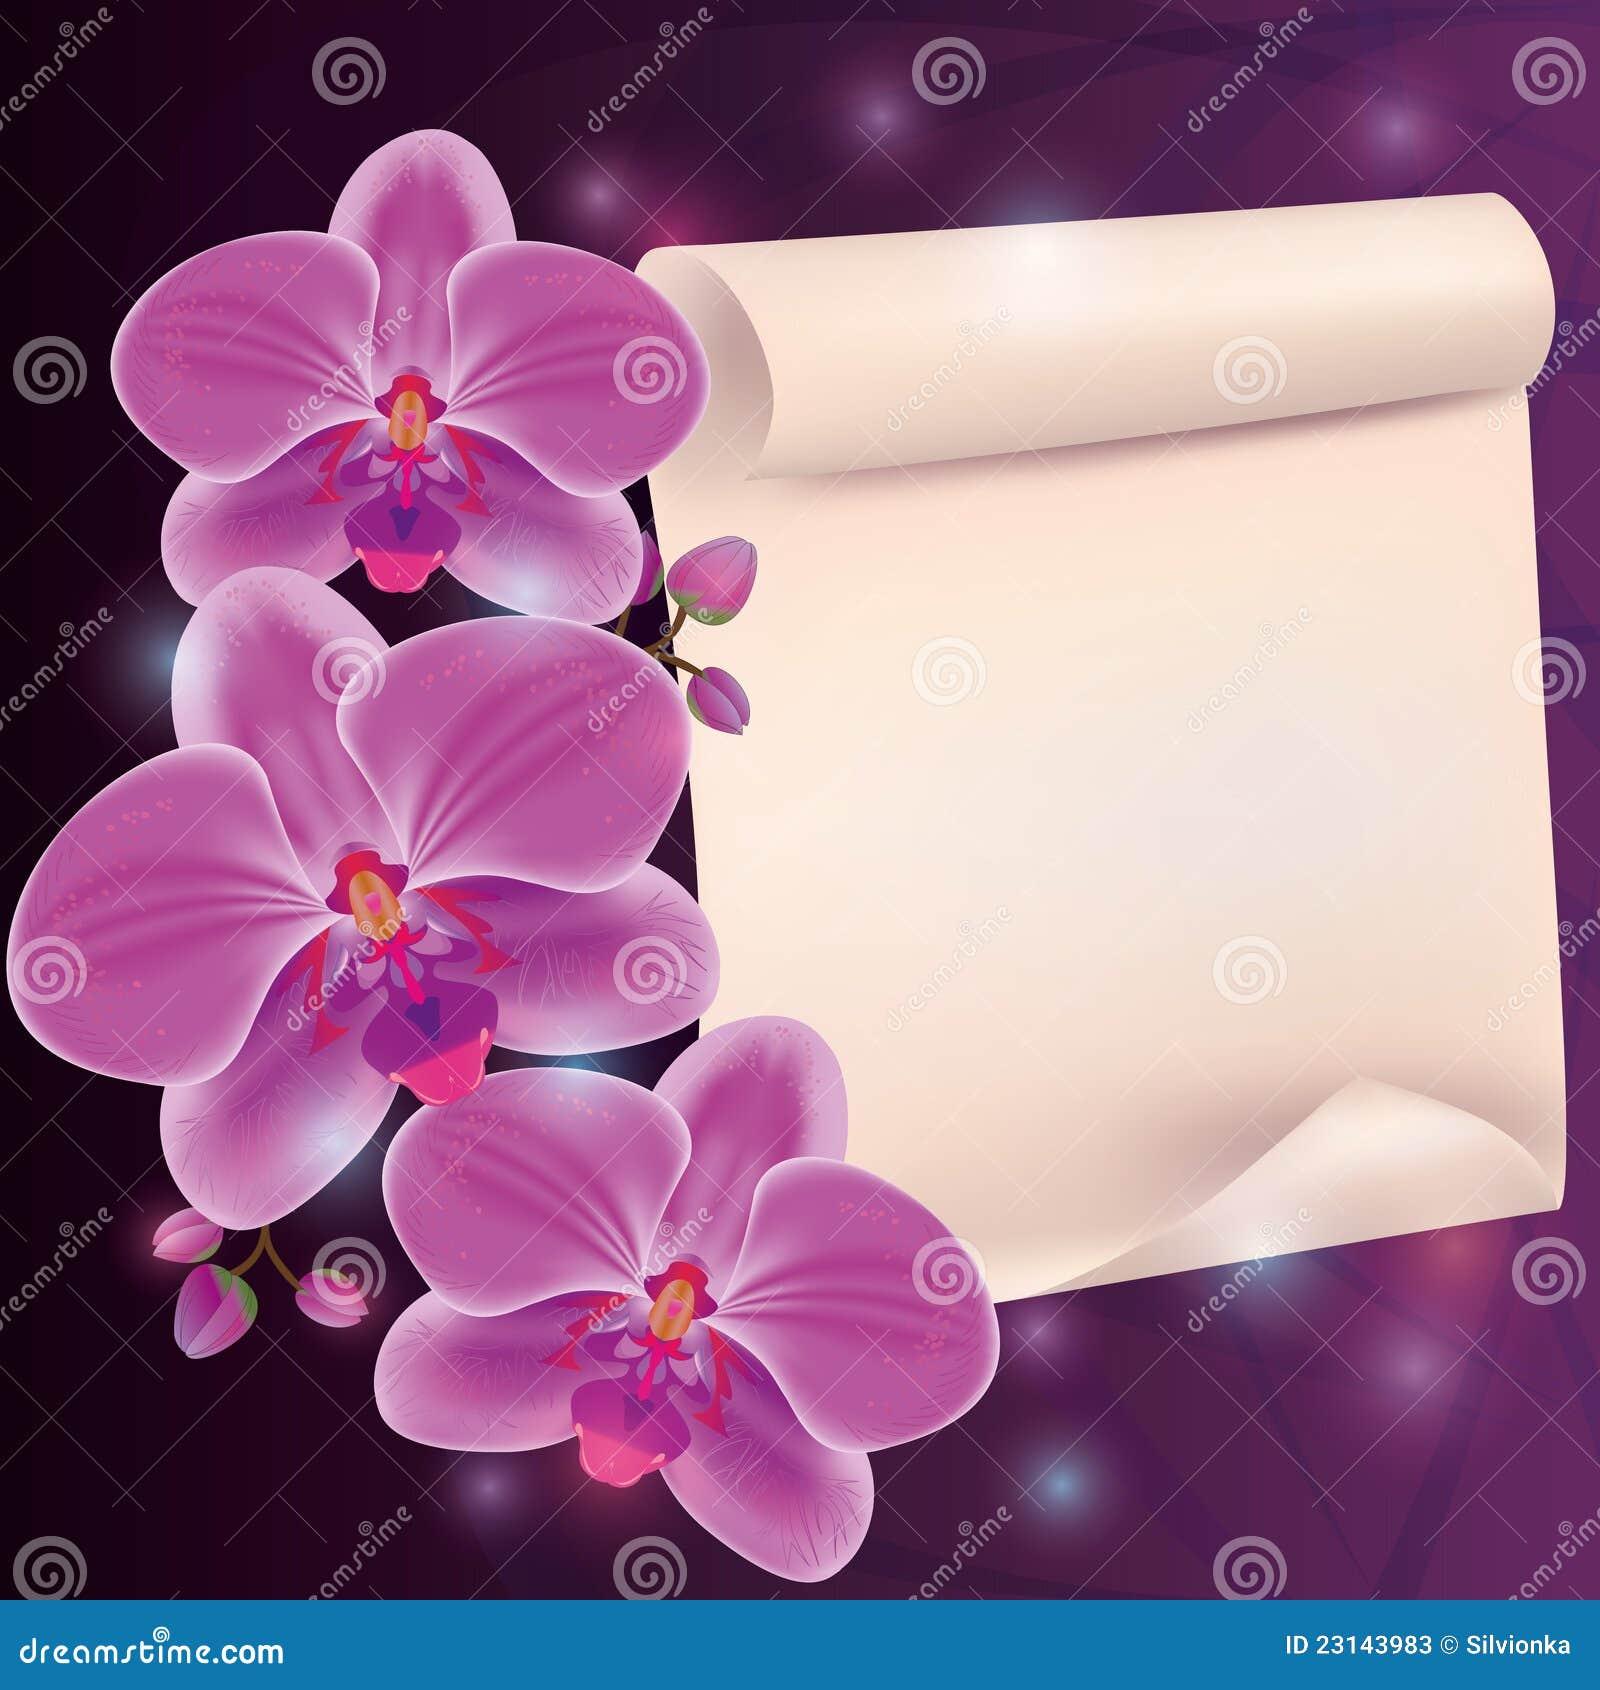 Cartes Avec Fleurs Gratuites Idee D Image De Fleur